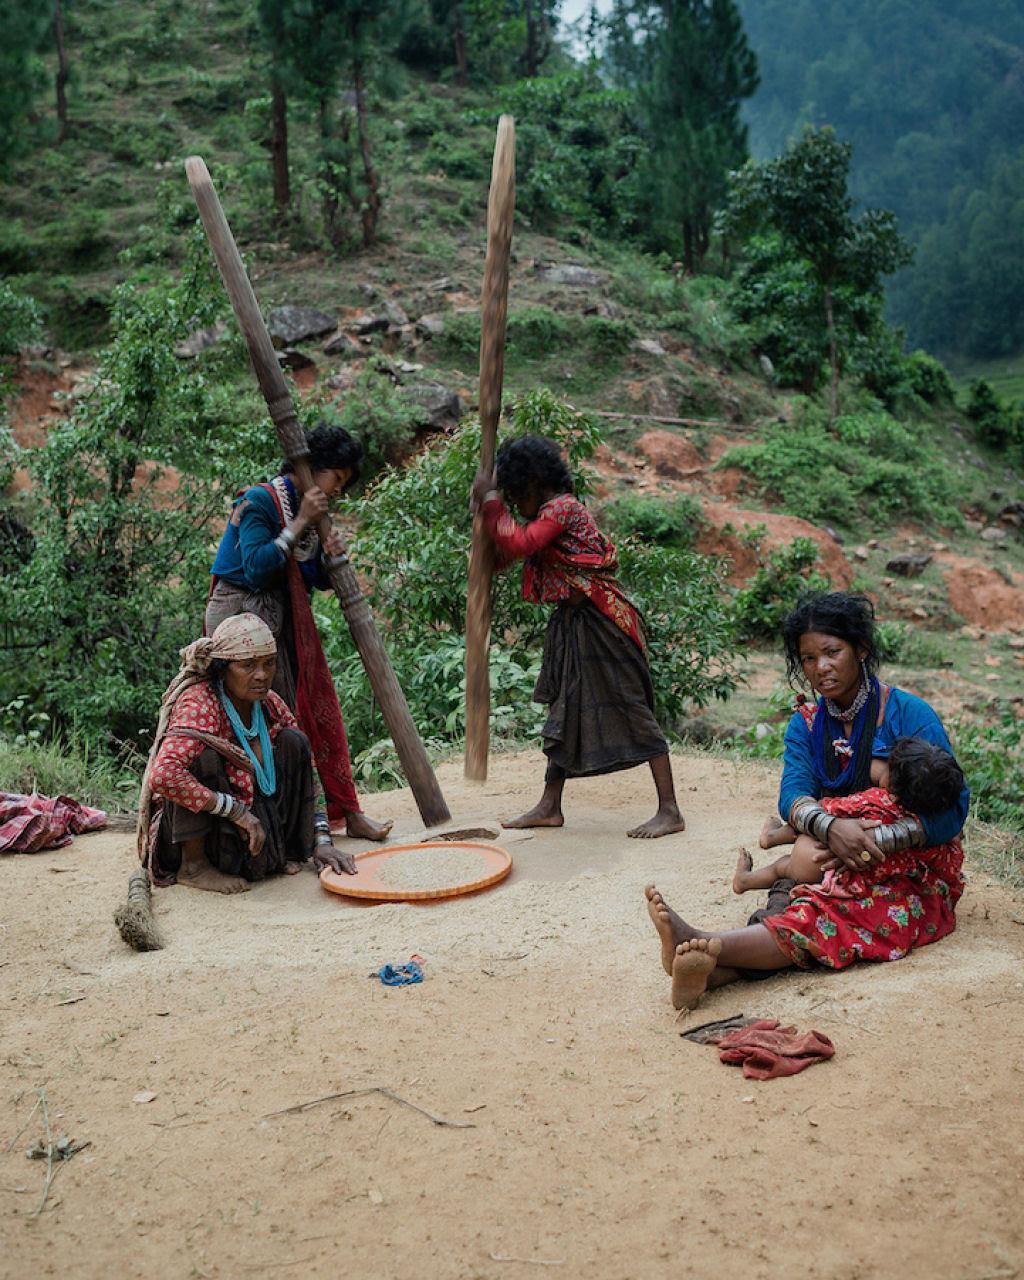 Fotógrafo documenta os últimos caçadores-coletores de tribo do Himalaia 16